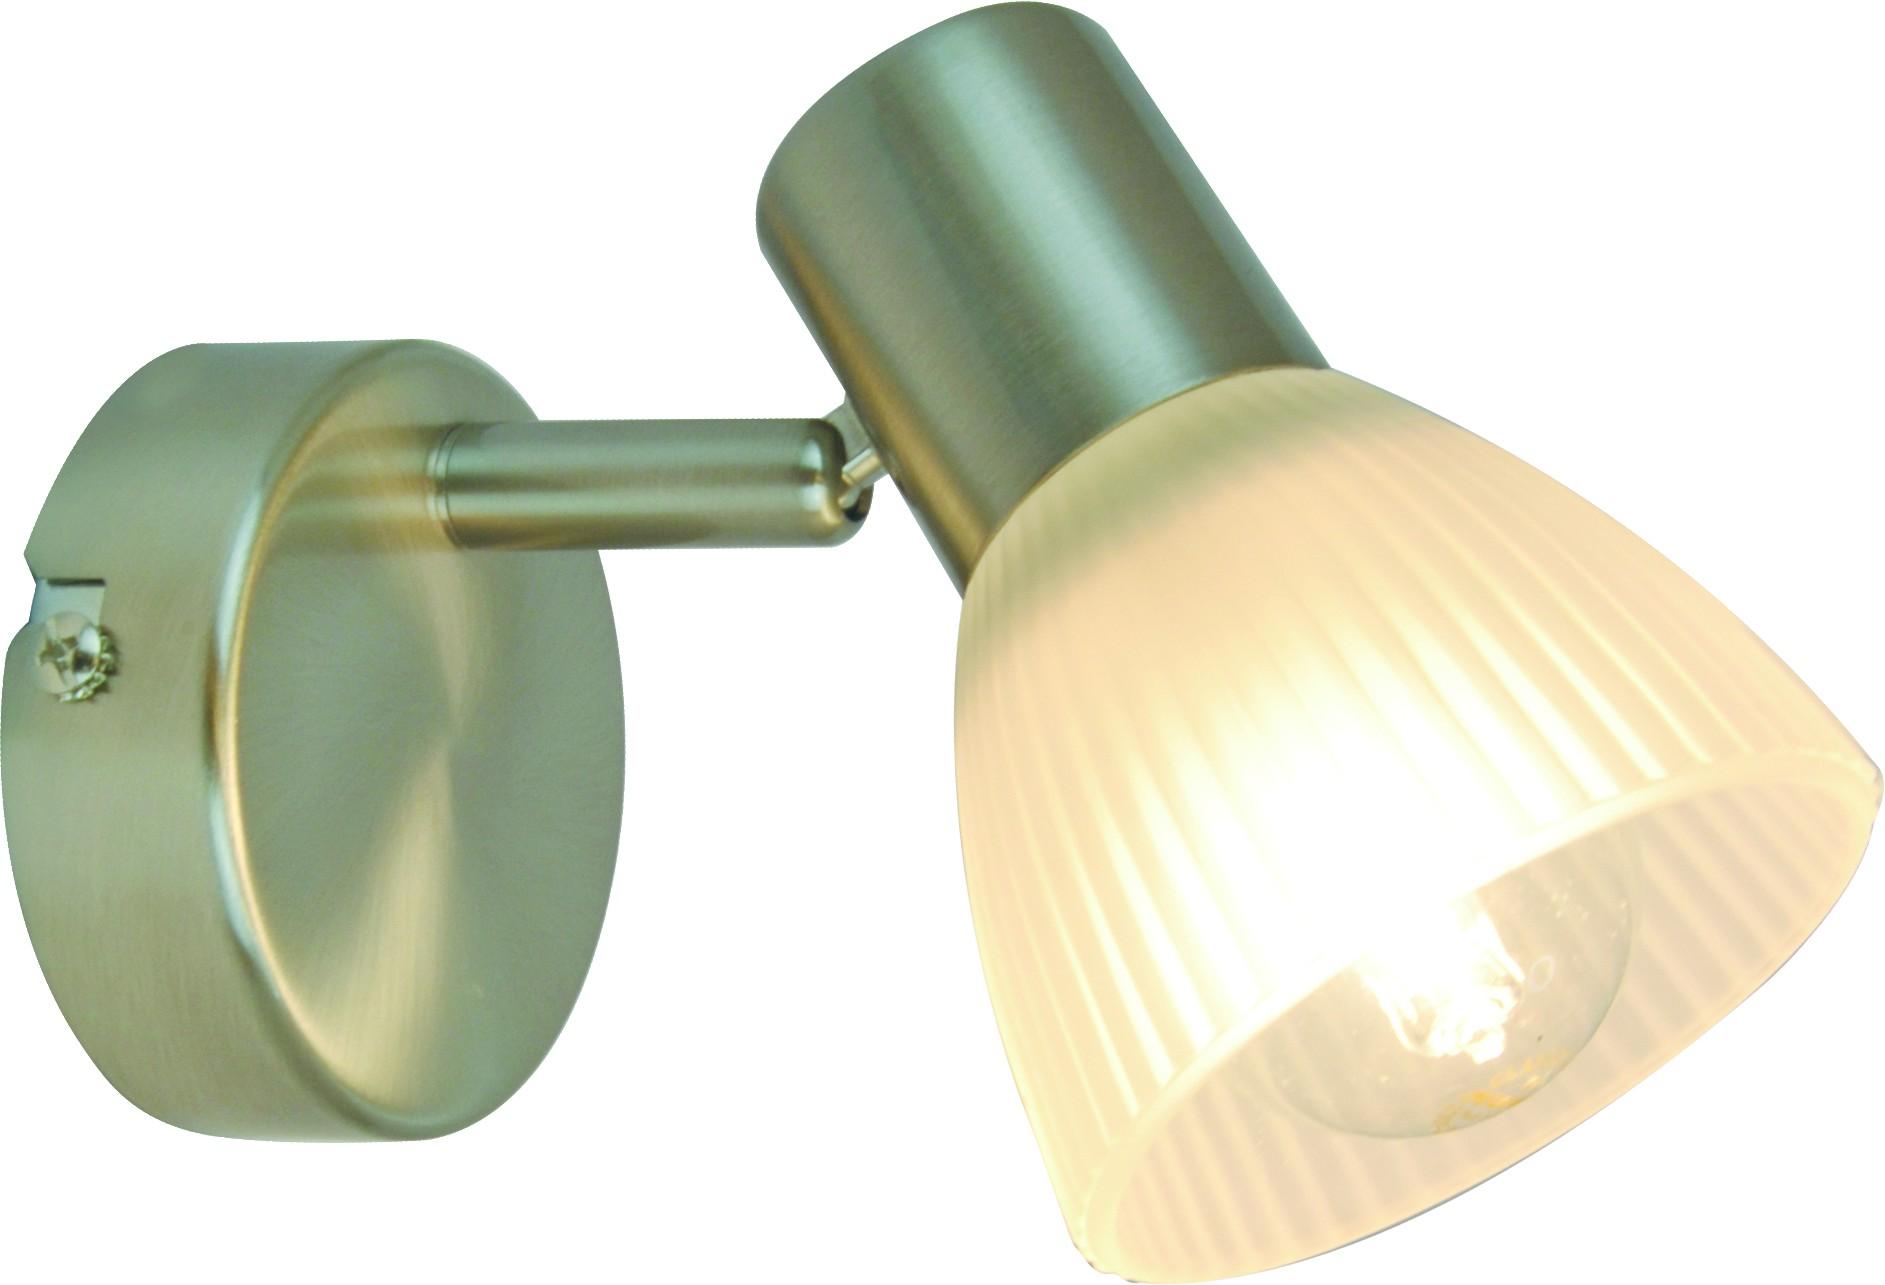 Спот Arte lamp A5062ap-1ss